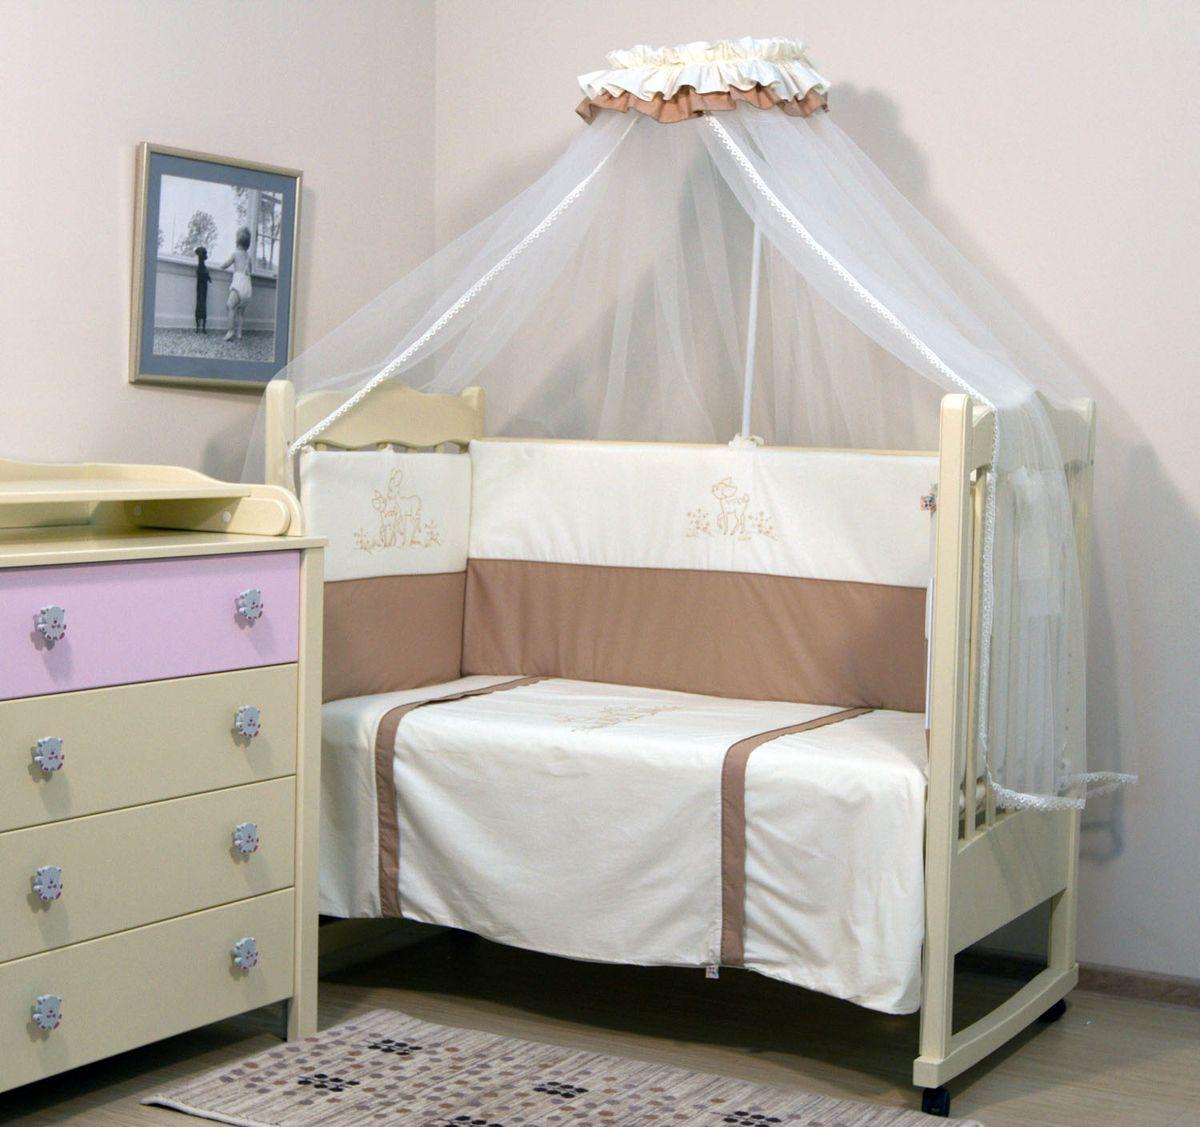 Топотушки Комплект детского постельного белья Бамбино цвет бежевый 7 предметов150р-70ХК-дКомплект постельного белья из 7 предметов включает все необходимые элементы для детской кроватки. Комплект создает для Вашего ребенка уют, комфорт и безопасную среду с рождения, современный дизайн и цветовые сочетания помогают ребенку адаптироваться в новом для него мире. Комплекты «Топотушки» хорошо вписываются в интерьер как детской комнаты, так и спальни родителей. Как и все изделия «Топотушки» данный комплект отражает самые последние технологии, является безопасным для малыша и экологичным. Российское происхождение комплекта гарантирует стабильно высокое качество, соответствие актуальным пожеланиям потребителей, конкурентоспособную цену.Комплектация: Балдахин 5м (сетка); охранный бампер 360х50см. (из 4-х частей, наполнитель - холлофайбер); подушка 40х60см. (наполнитель - холлофайбер); одеяло 140х110см. (наполнитель - холлофайбер); наволочка 40х60см; пододеяльник 147х112см; простынь на резинке 120х60см.